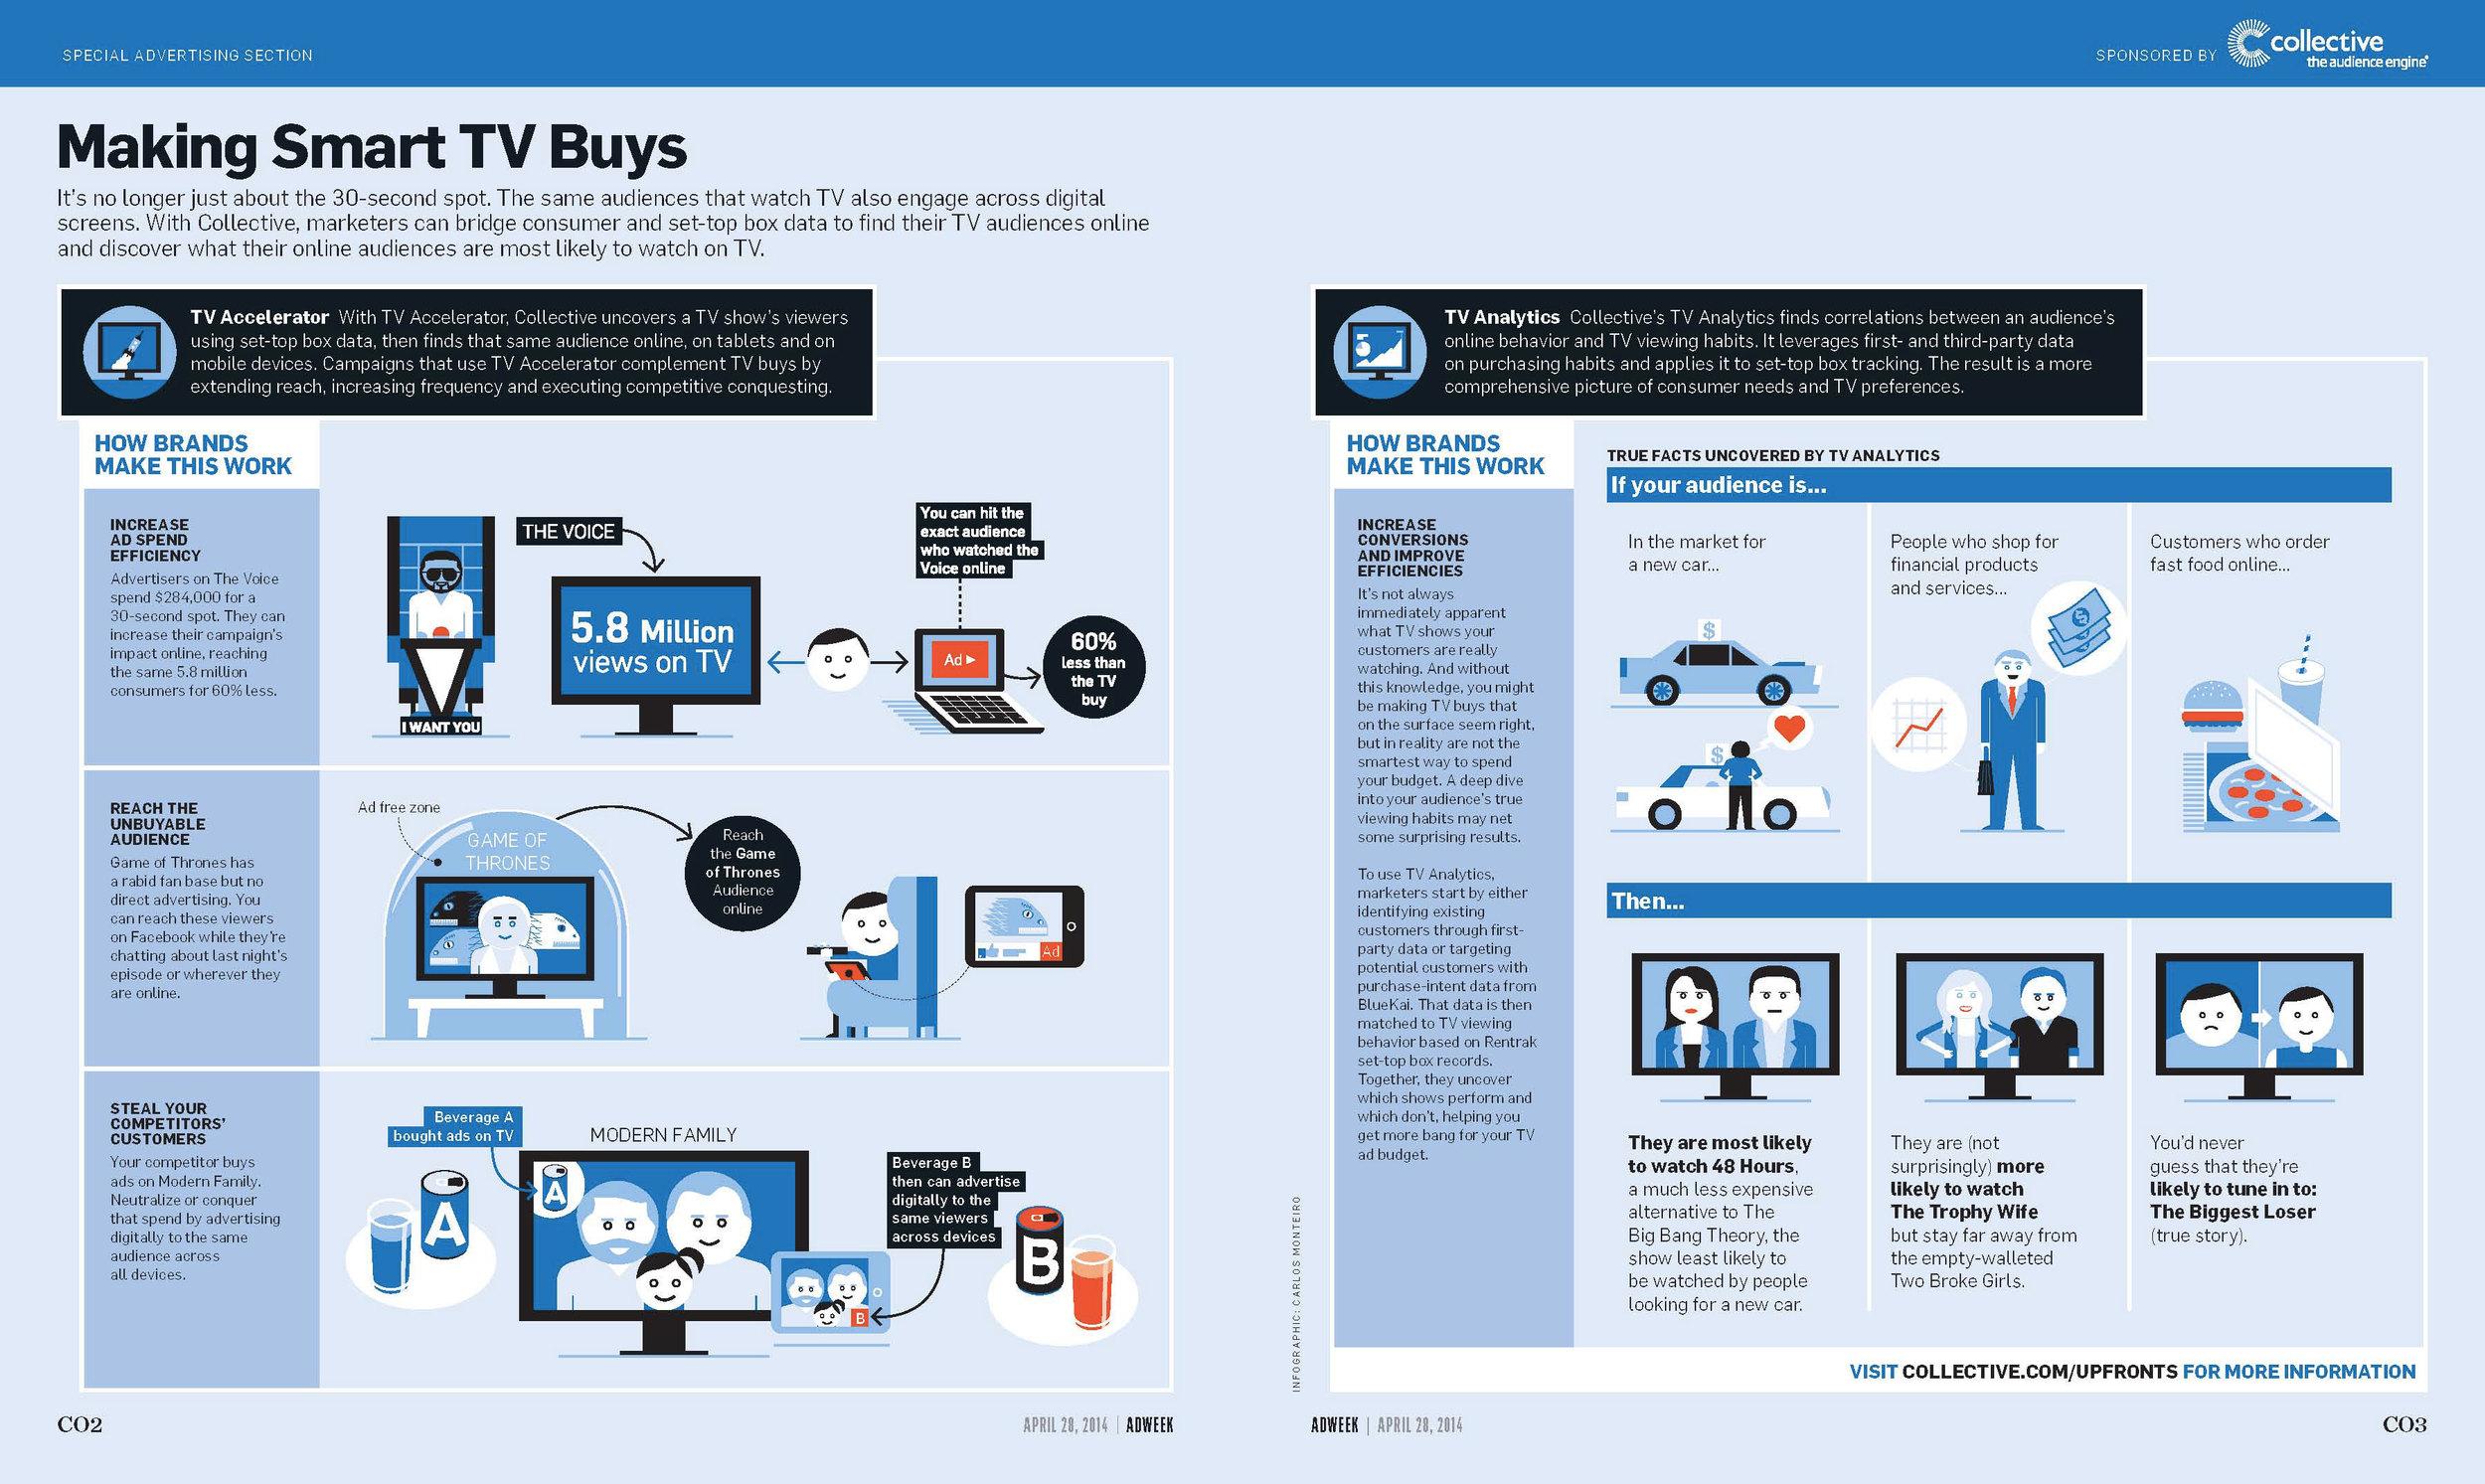 Making Smart TV Buys